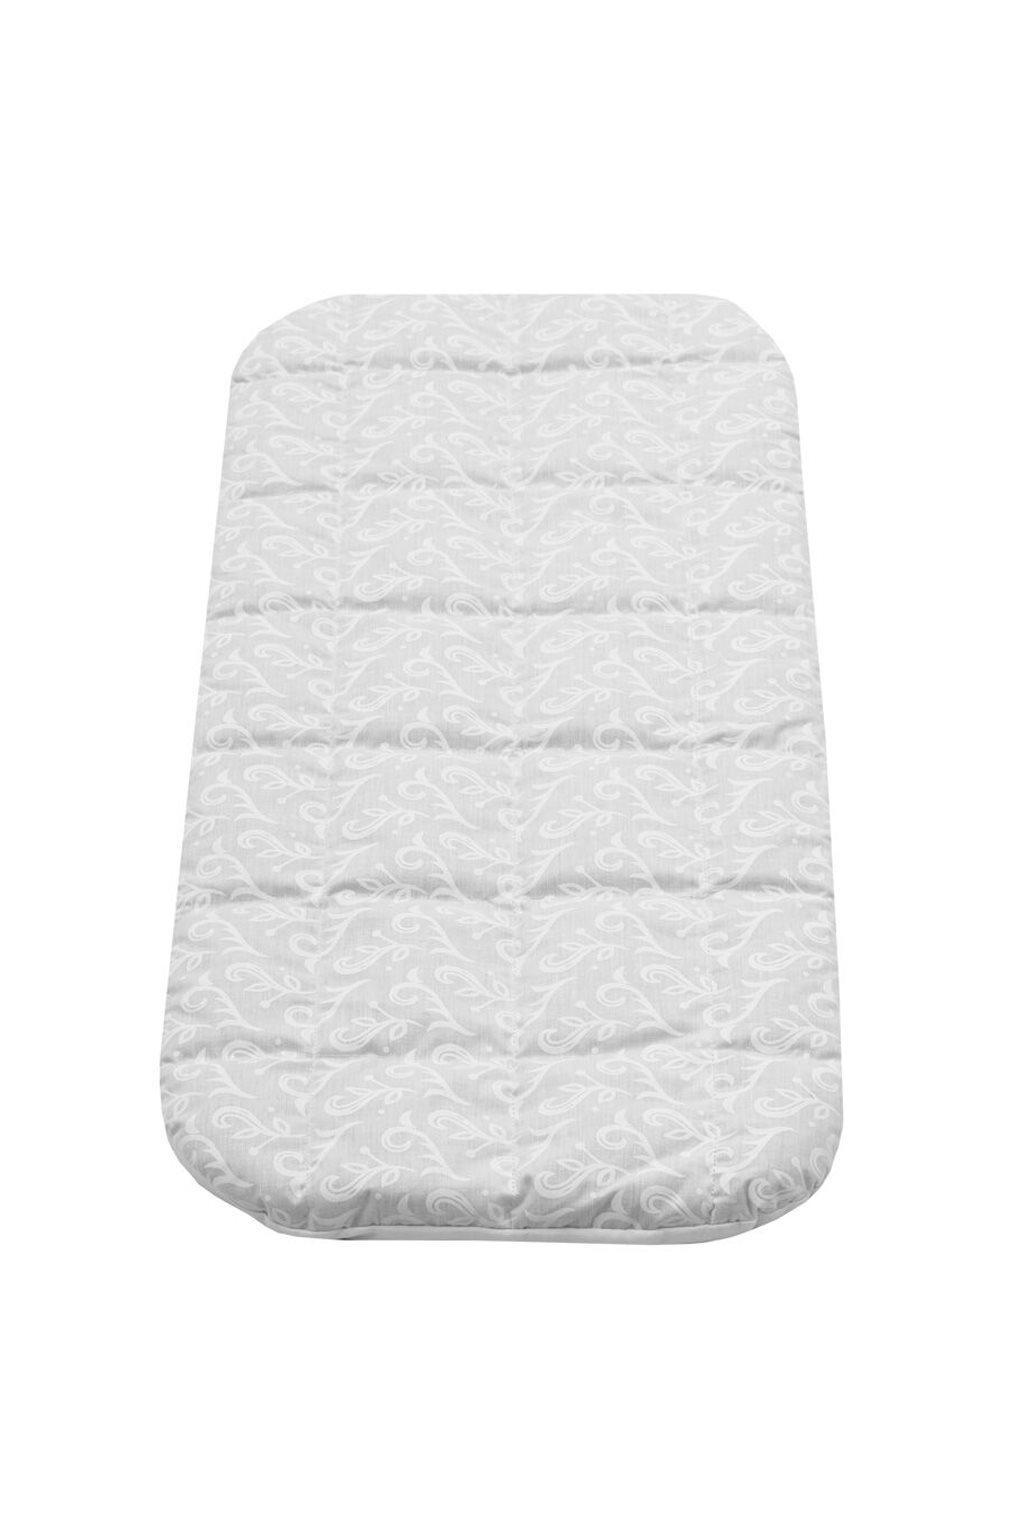 Detský matrac do kočíka New Baby 75x35 molitan-pohánka biely